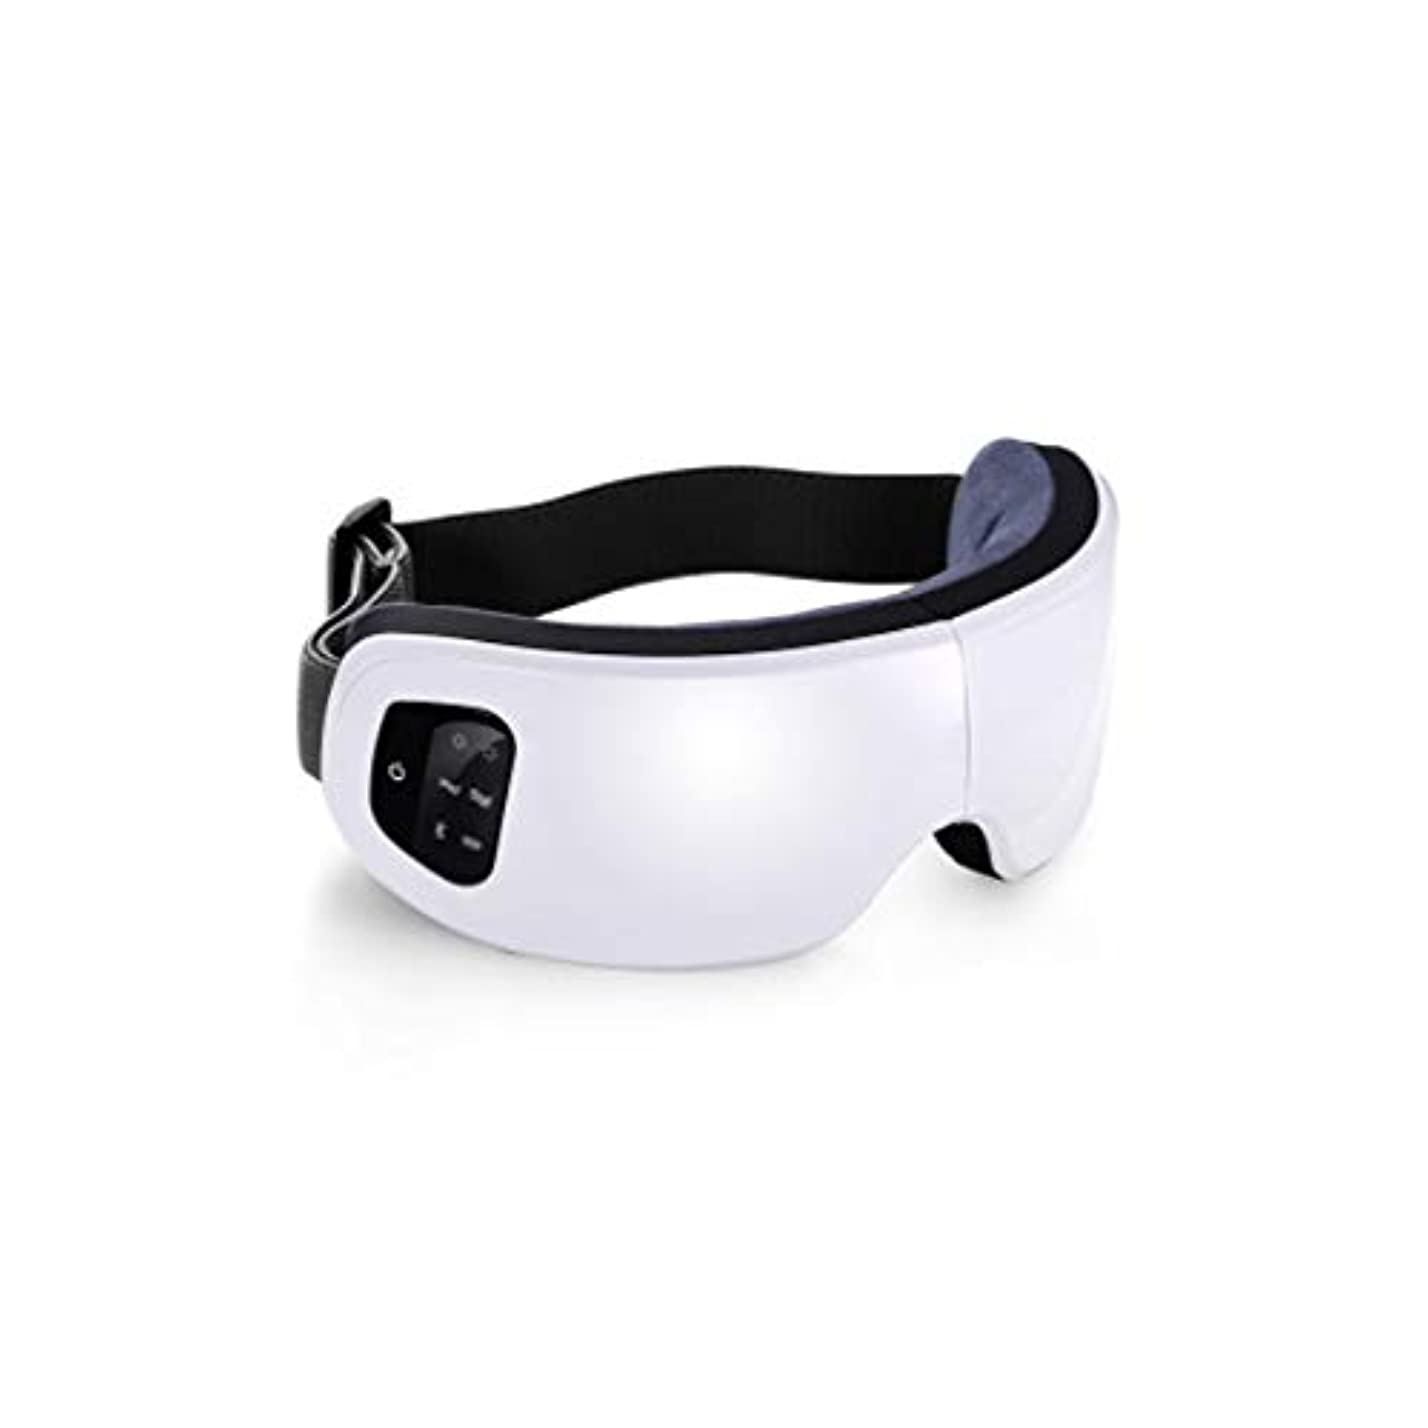 顎運ぶ君主制マッサージャー - 圧力温度インテリジェントアイマスクアイマッサージャー (Color : White, Size : 20.5*8*2cm)